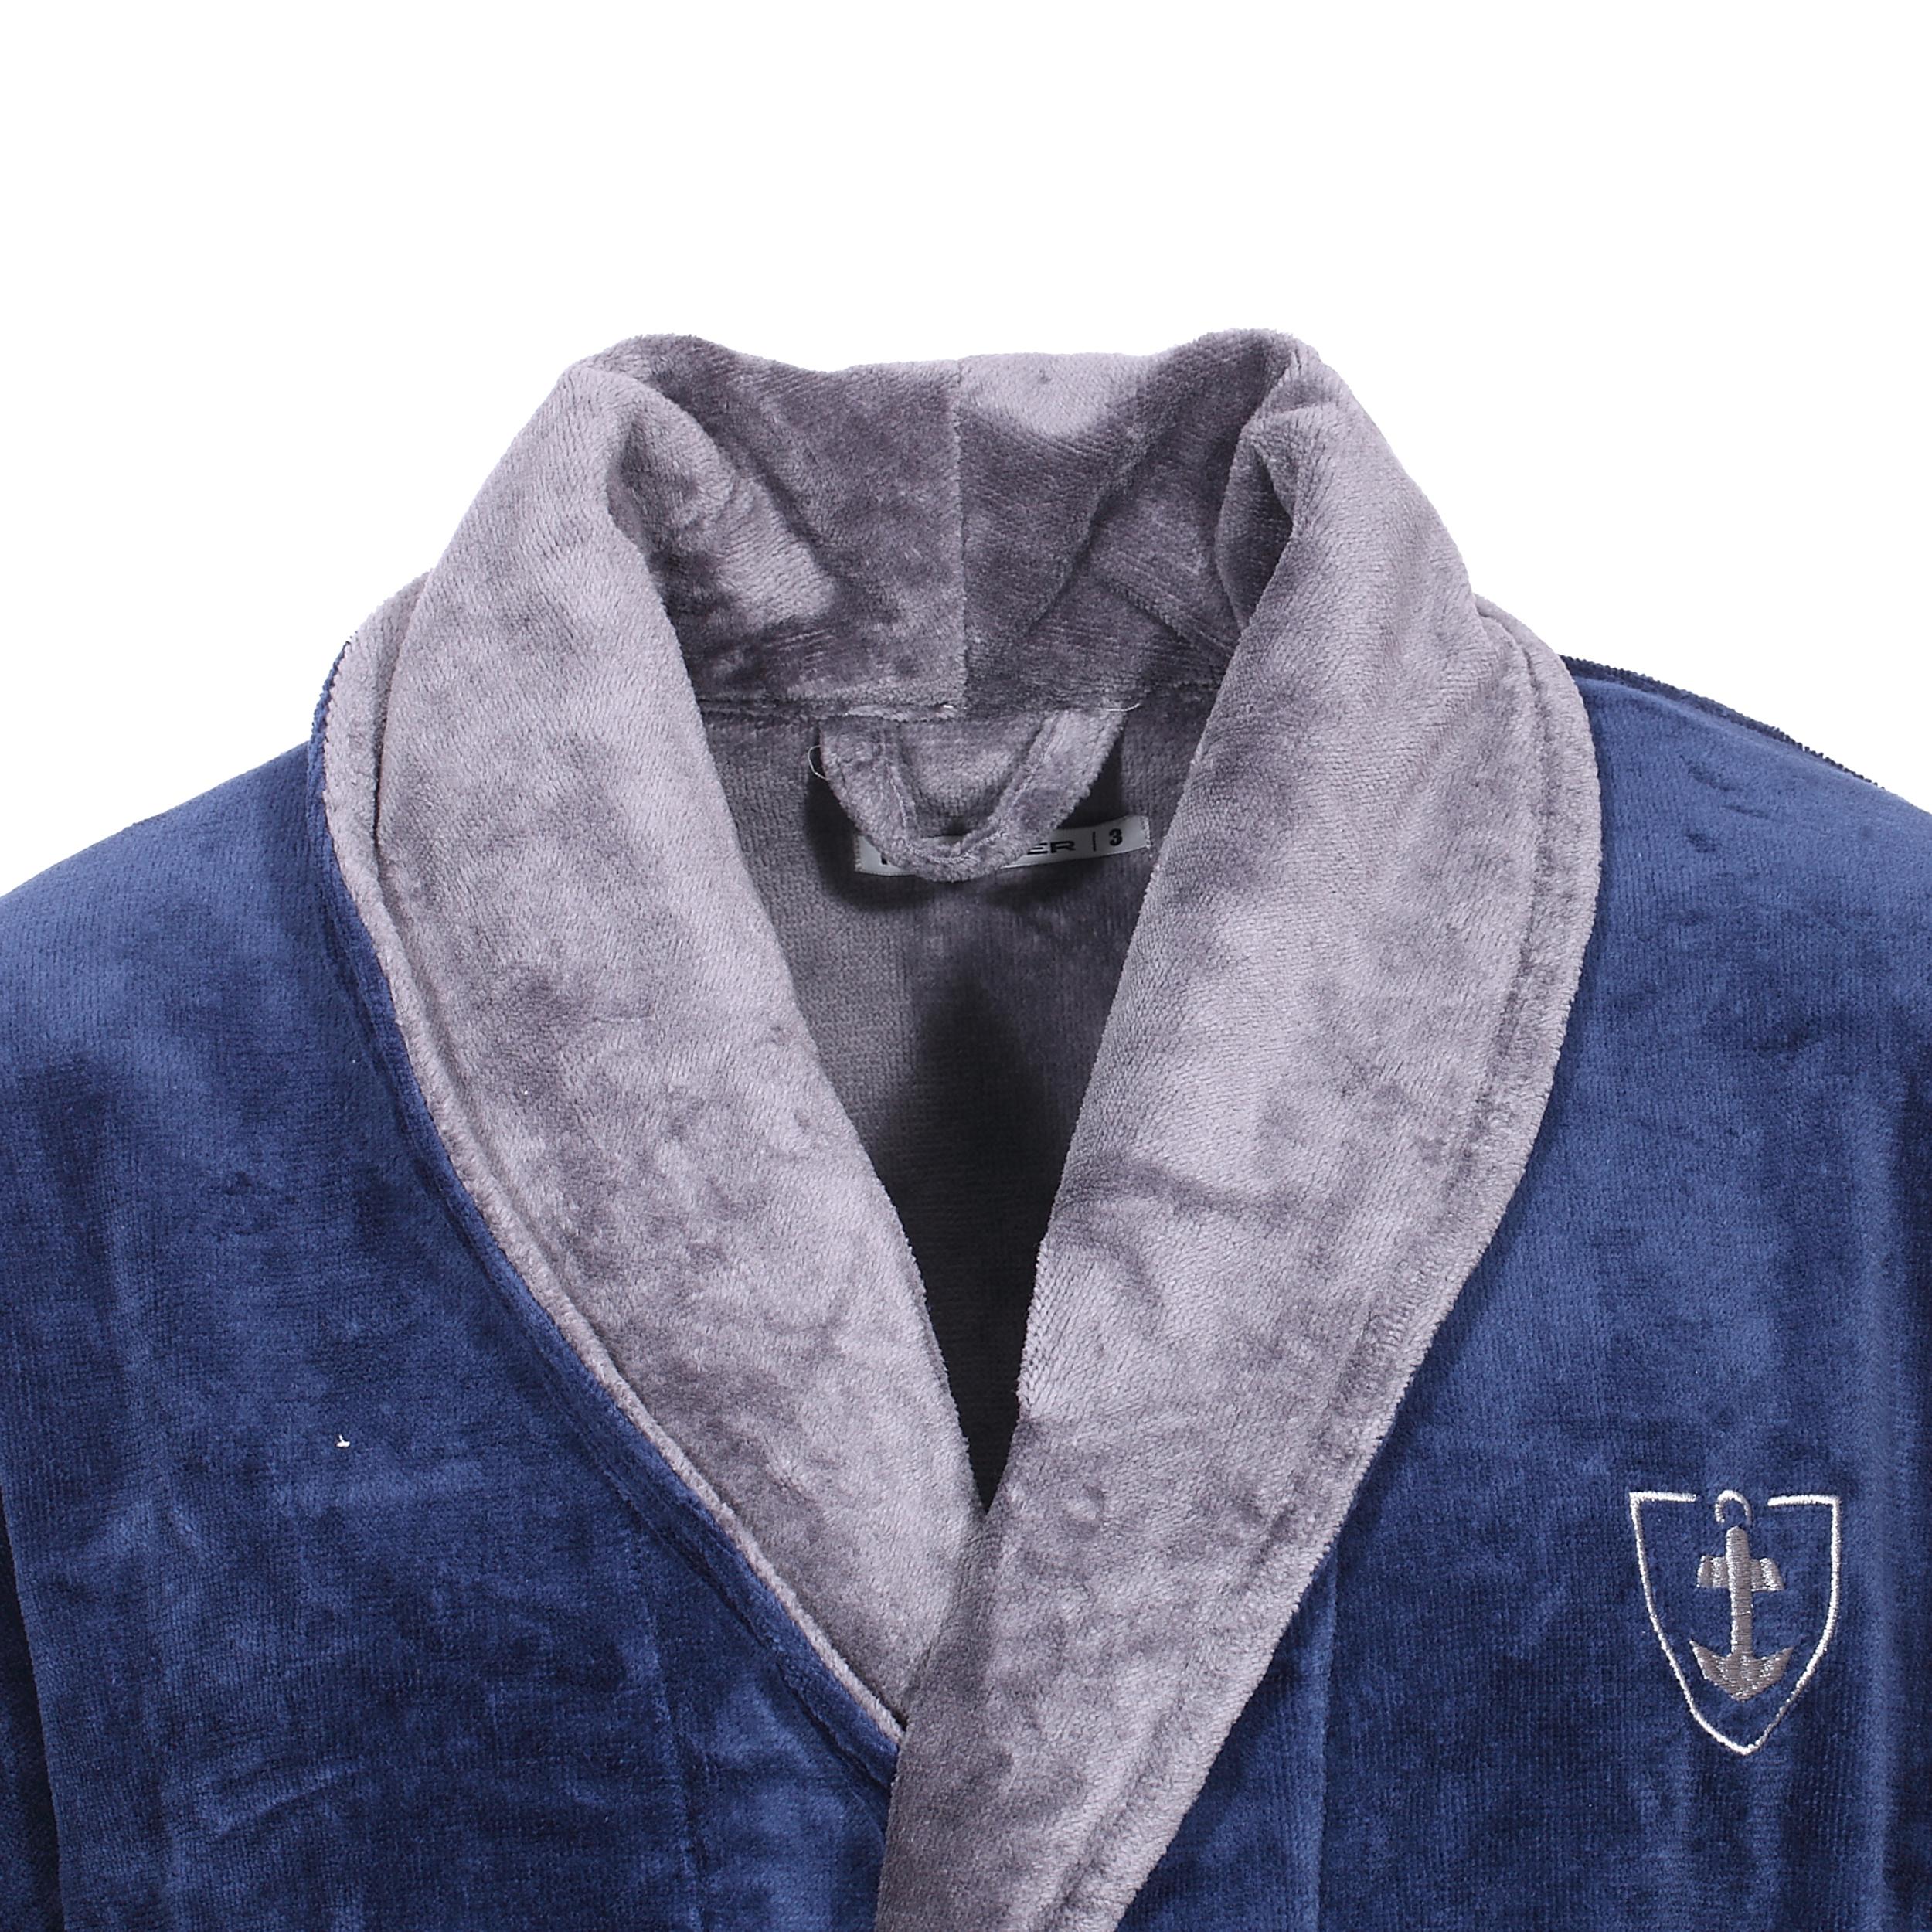 Peignoir eponge Mariner marine et gris a exterieur en velours-2-0.jpg 208792825d7